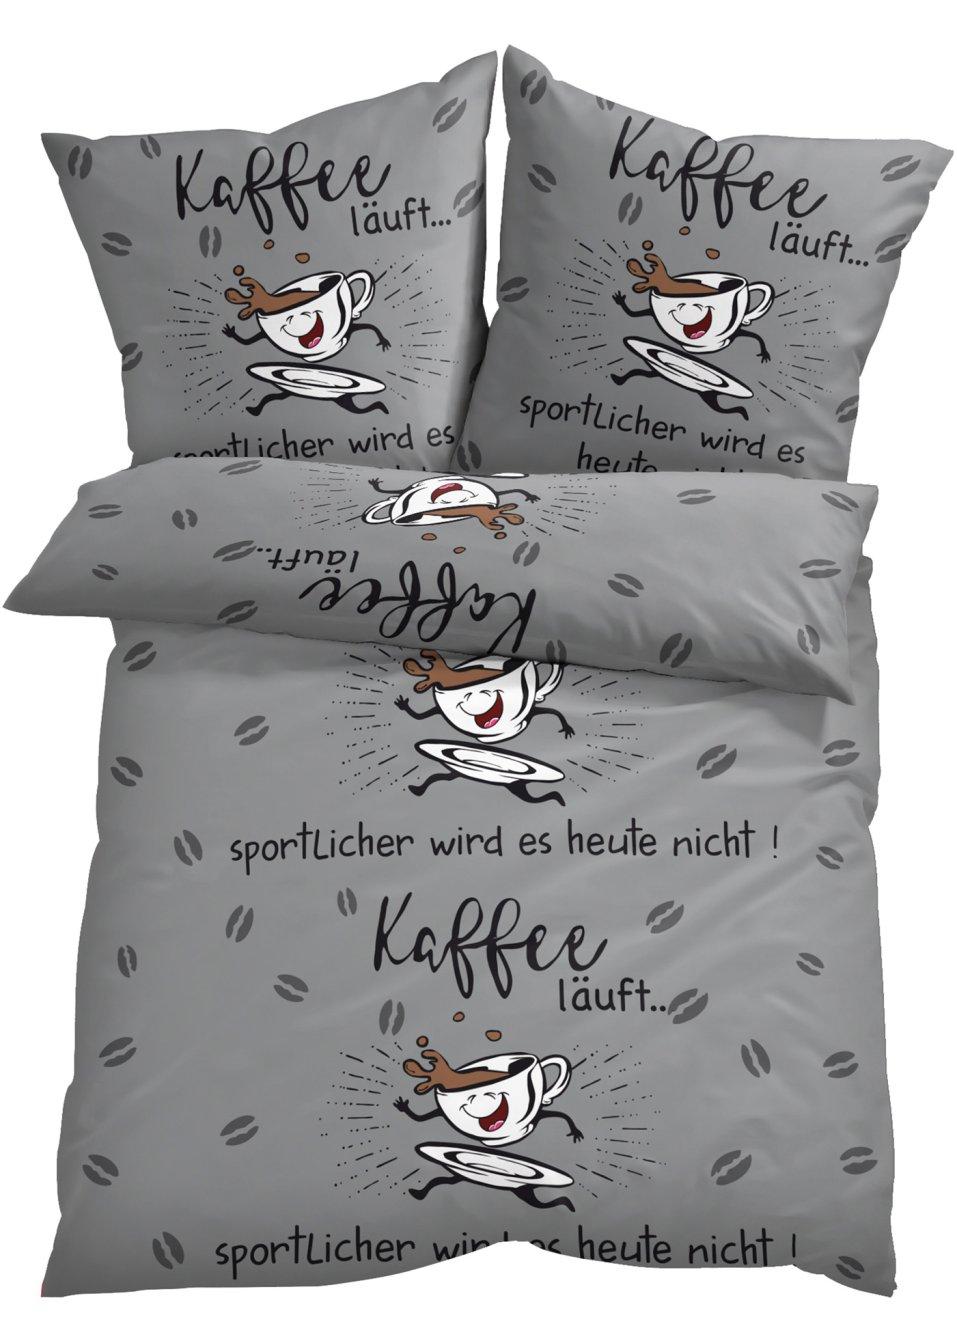 Full Size of Bettwäsche Lustig Bettwsche Mit Sprche Baumwolle Lustige 200x200 Kche Wandsprche Sprüche T Shirt T Shirt Wohnzimmer Bettwäsche Lustig